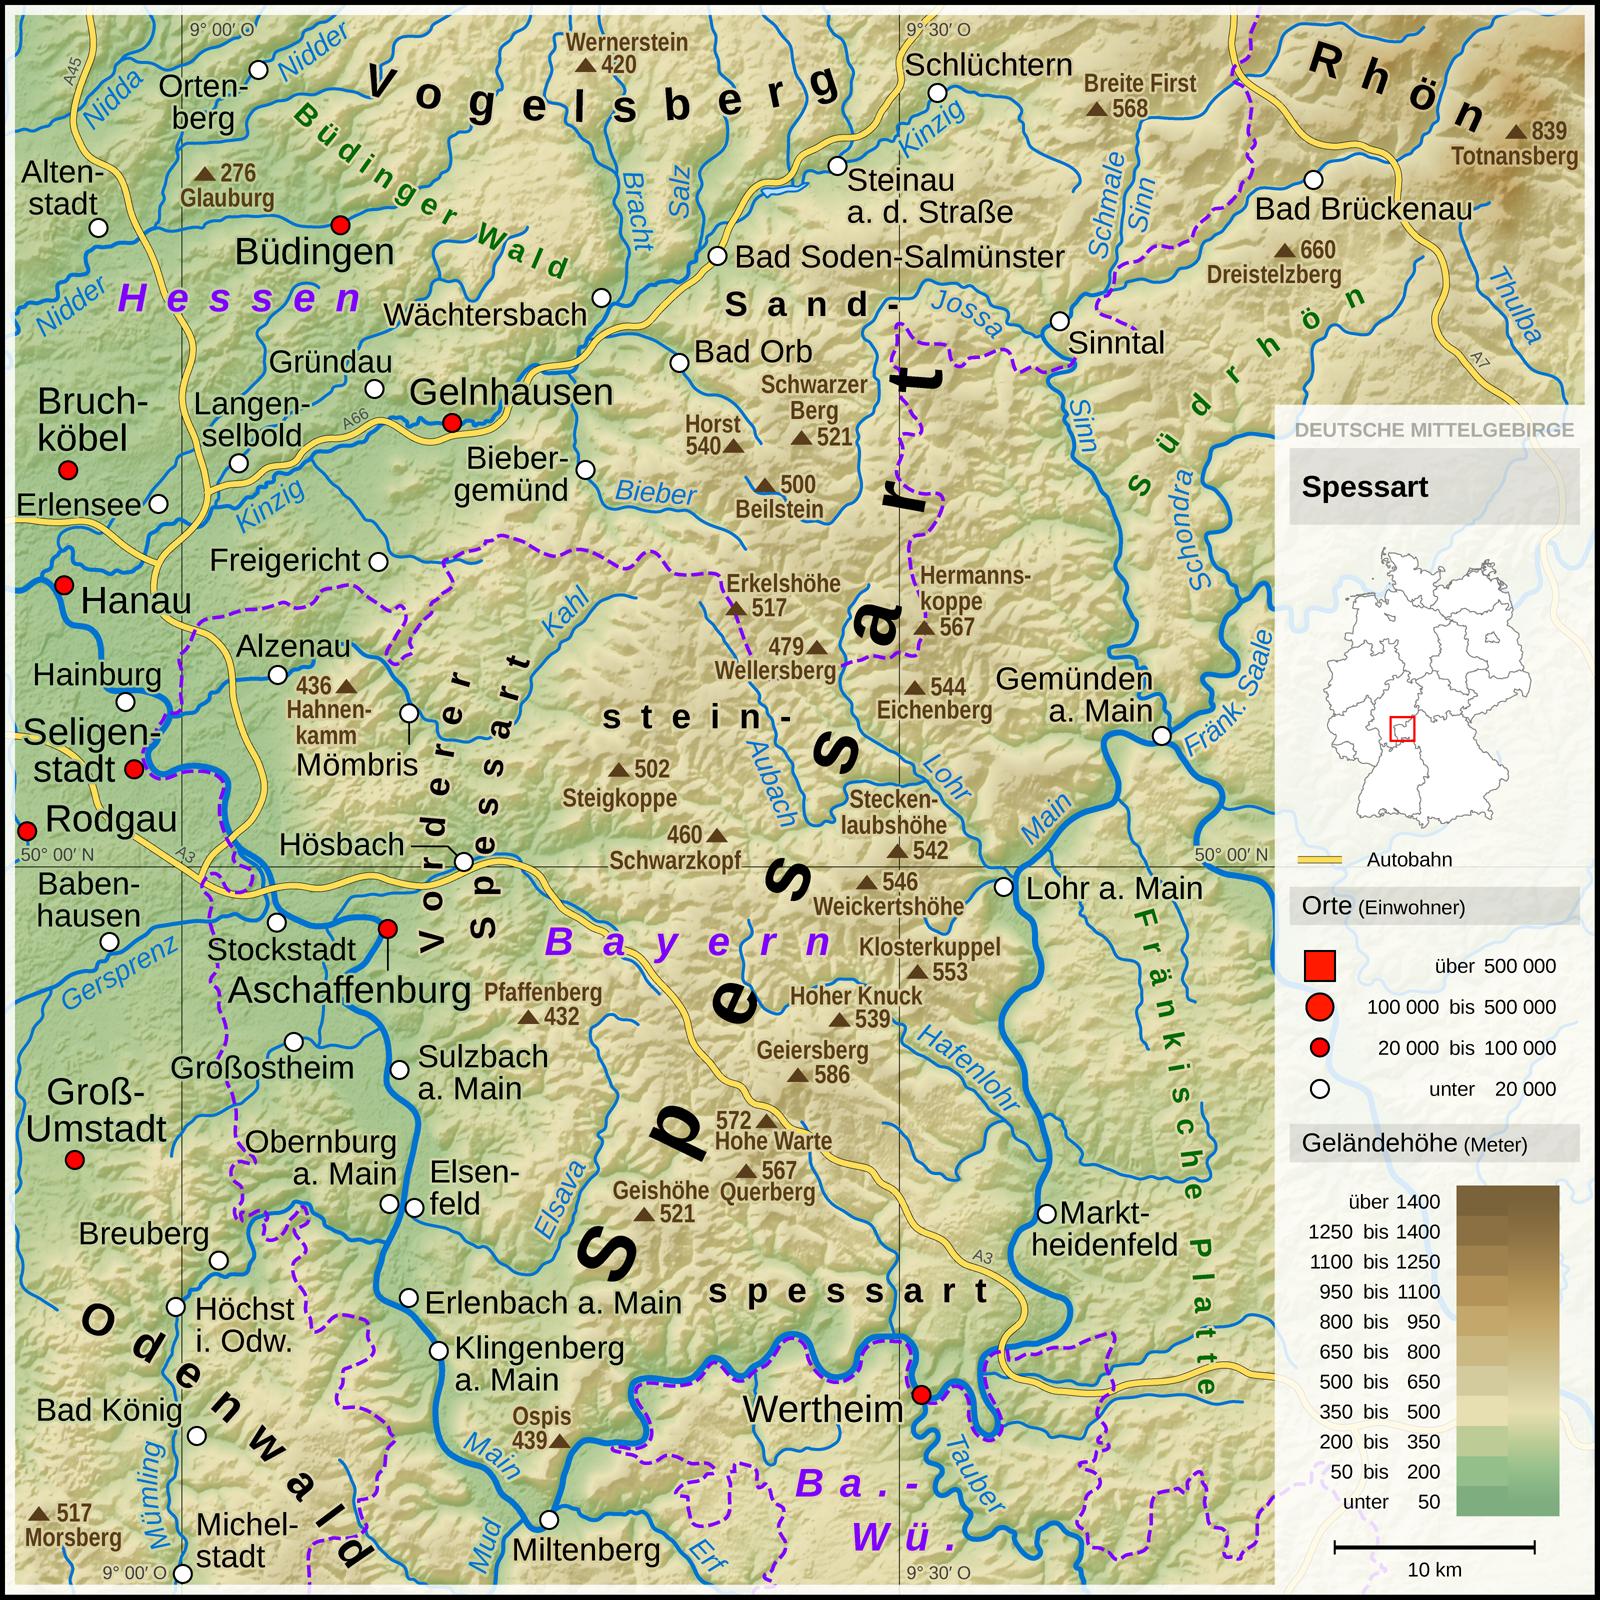 Karte Würzburg Und Umgebung.Spessart Wikipedia